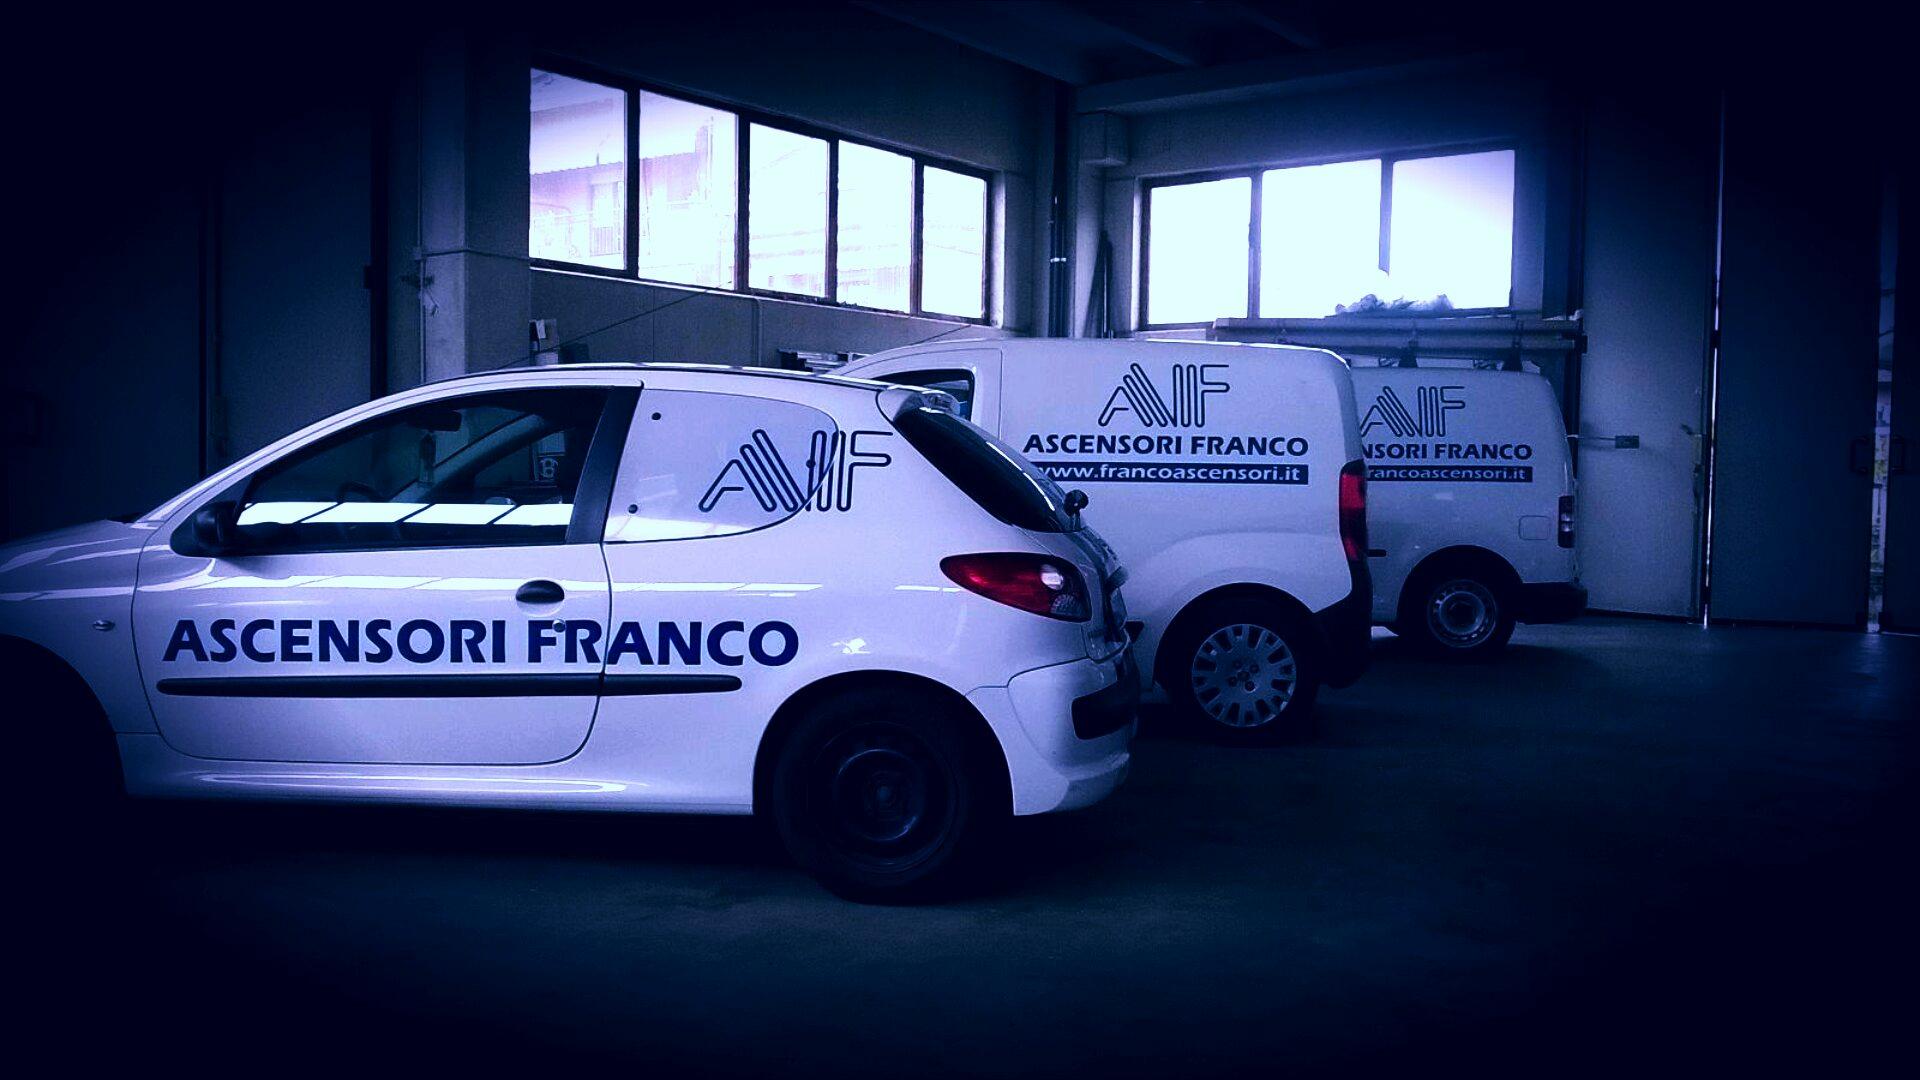 ASCENSORI FRANCO